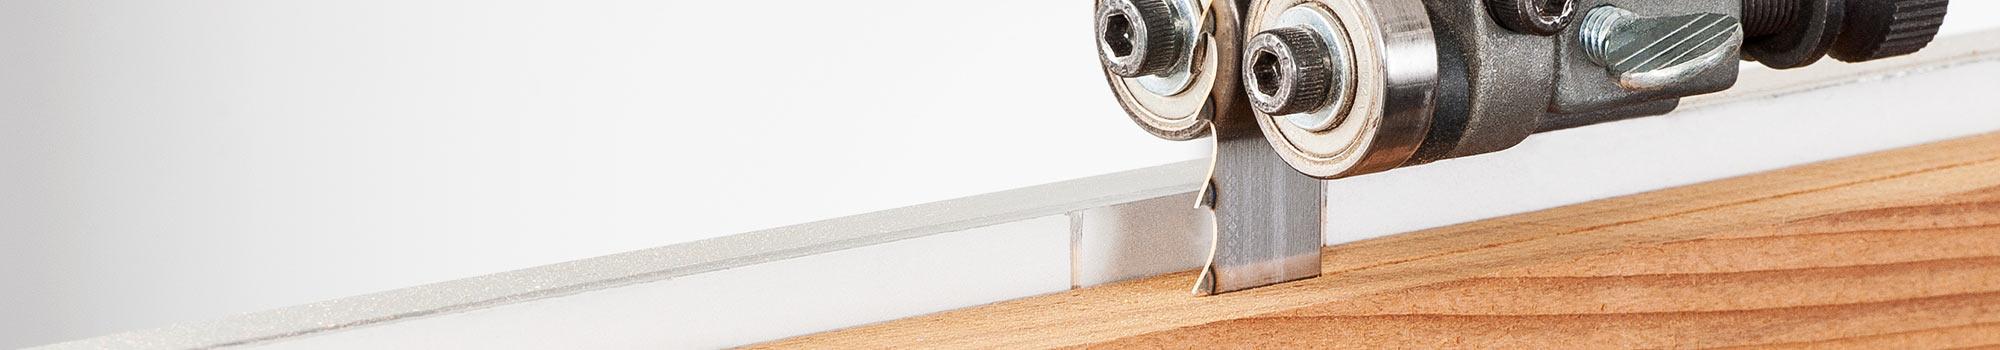 Bandsaw Blade Finder